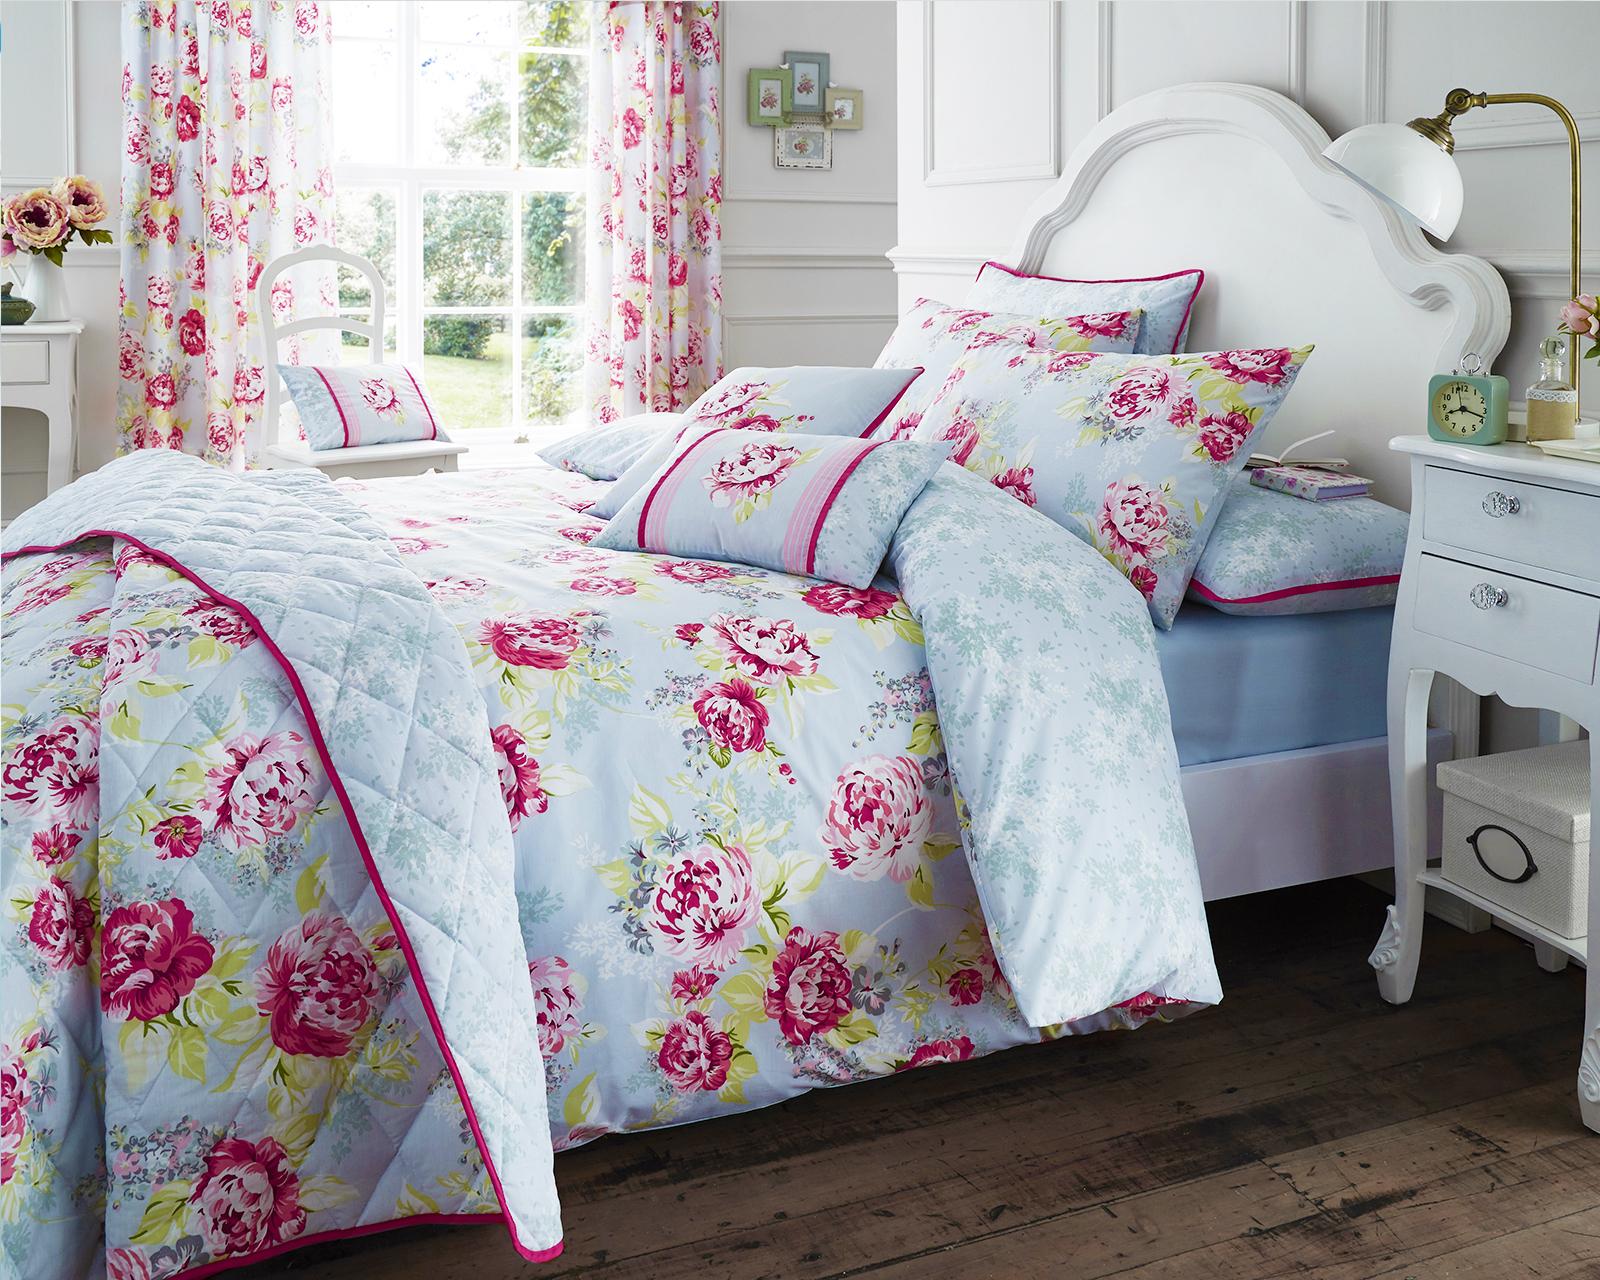 Cotton Rich Flower Bouquet Design Duvet Set and Bedding Range in Grey / Pink